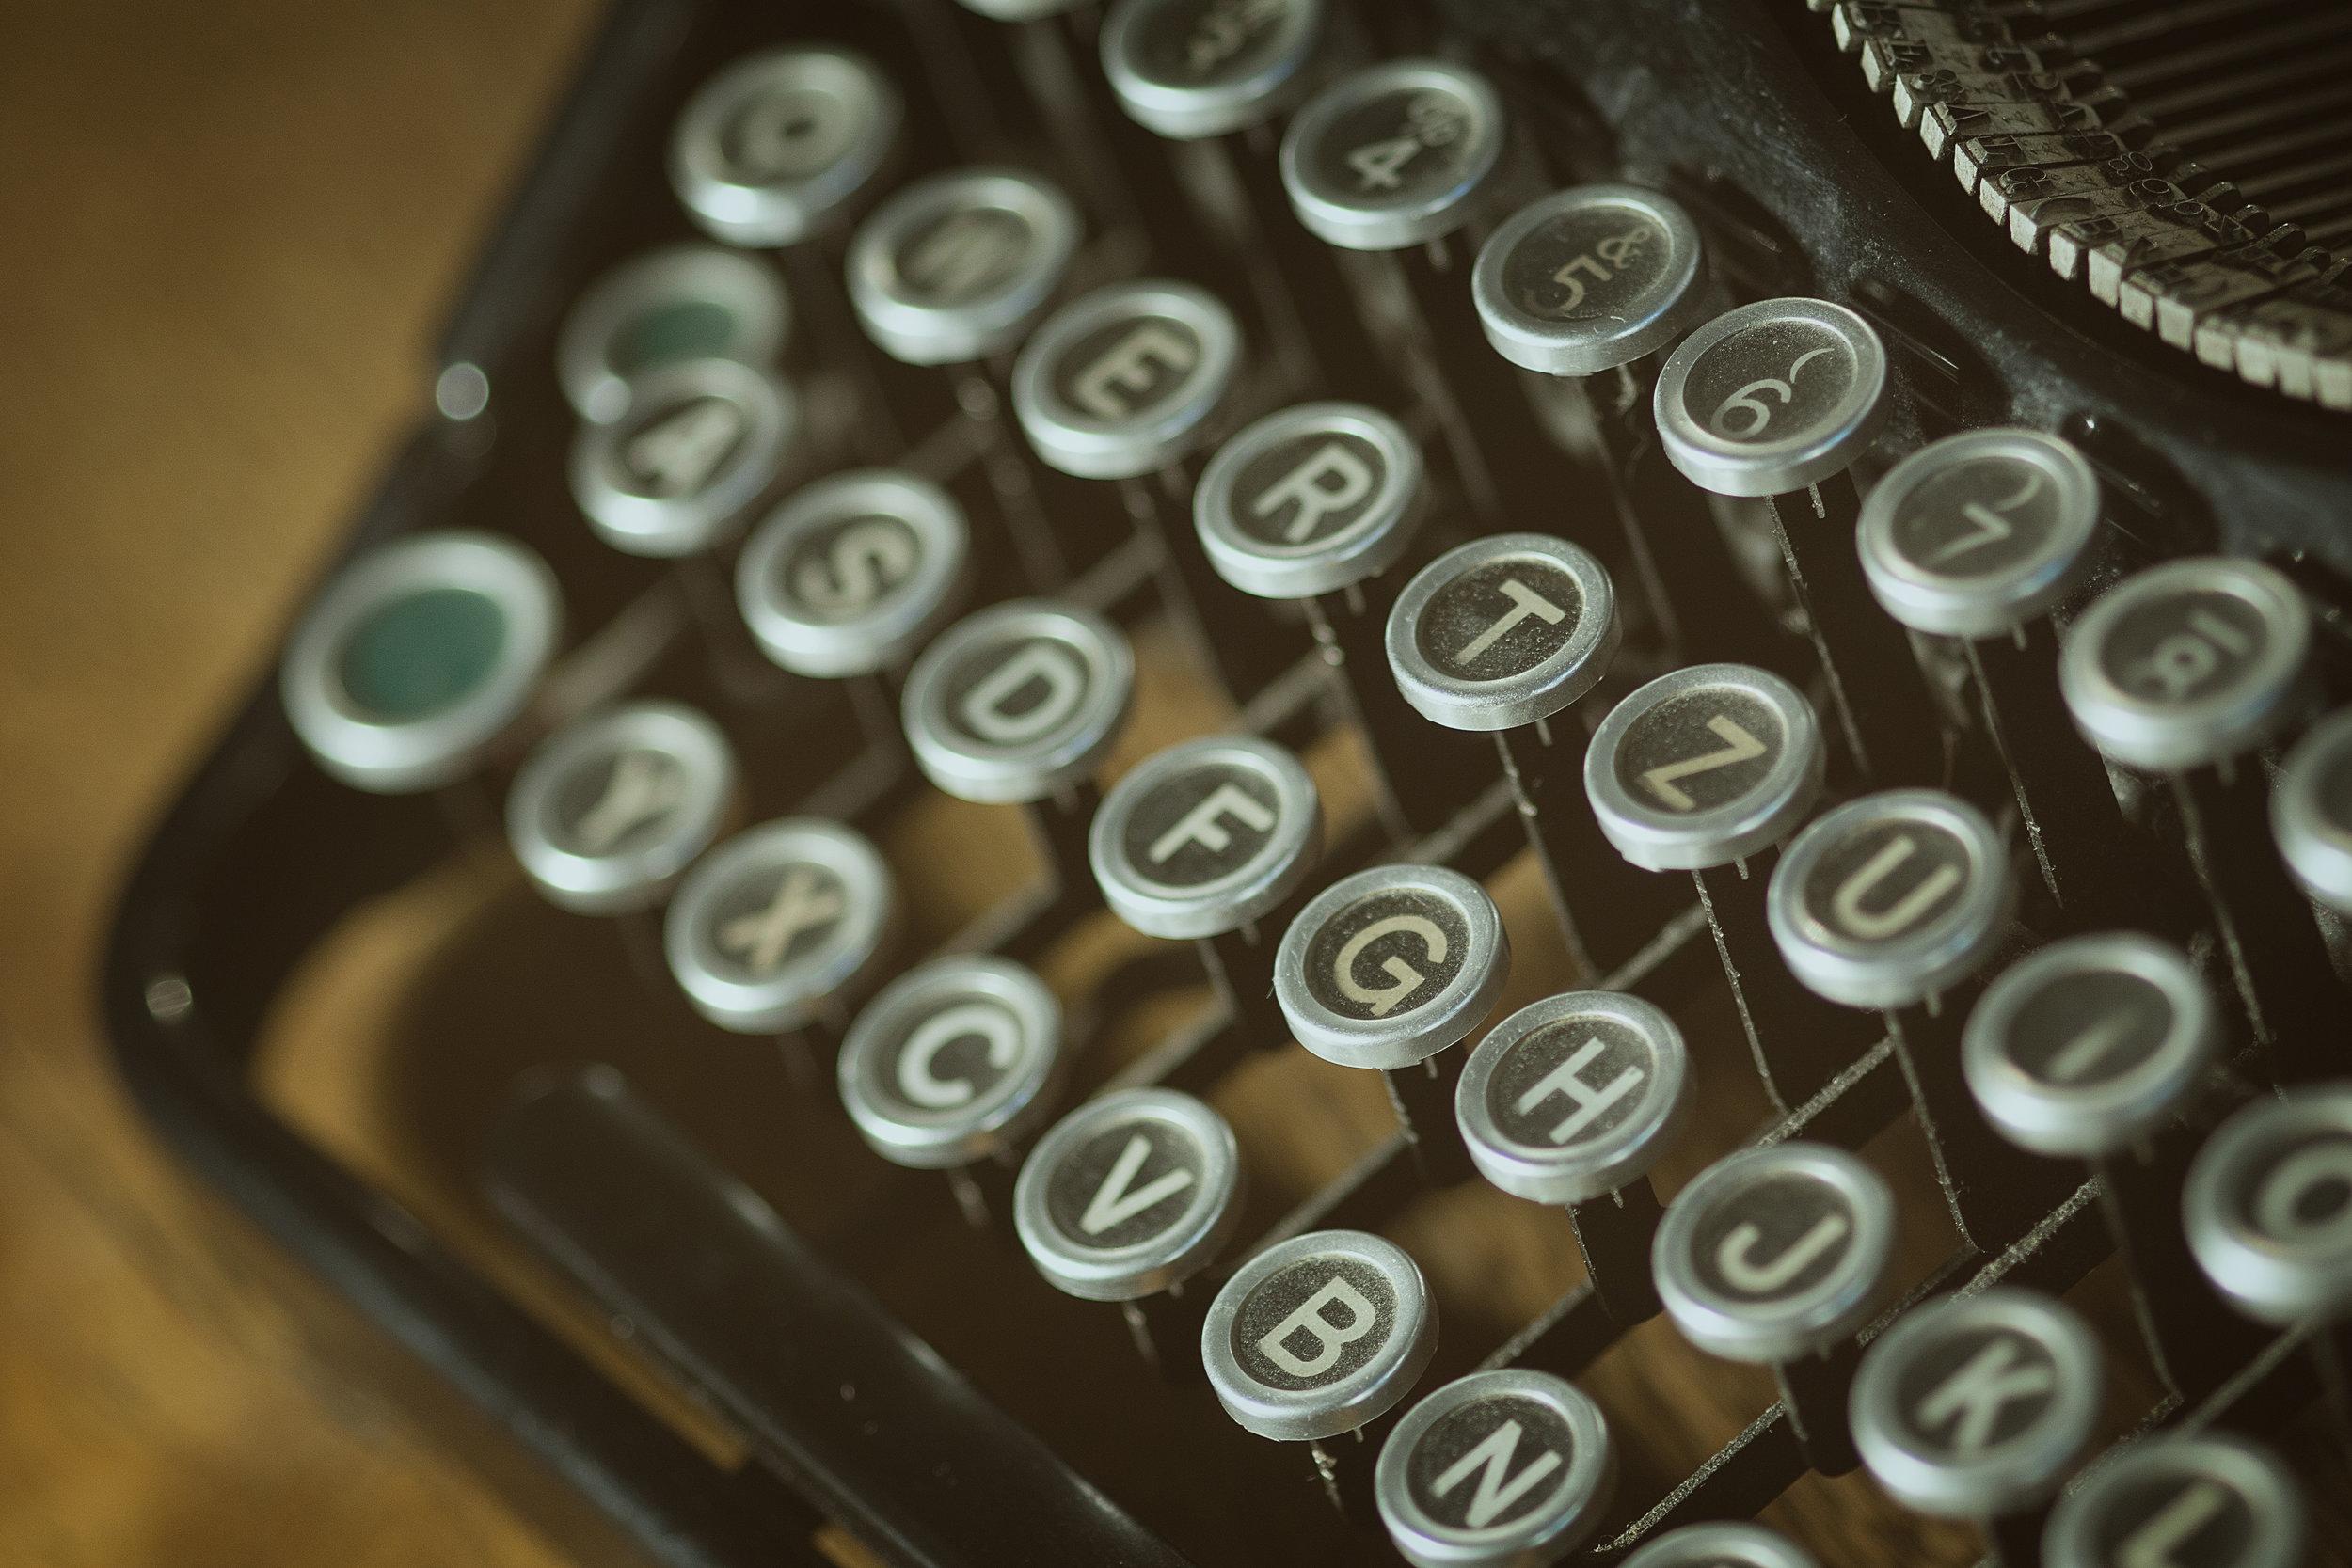 typewriter resized.jpg